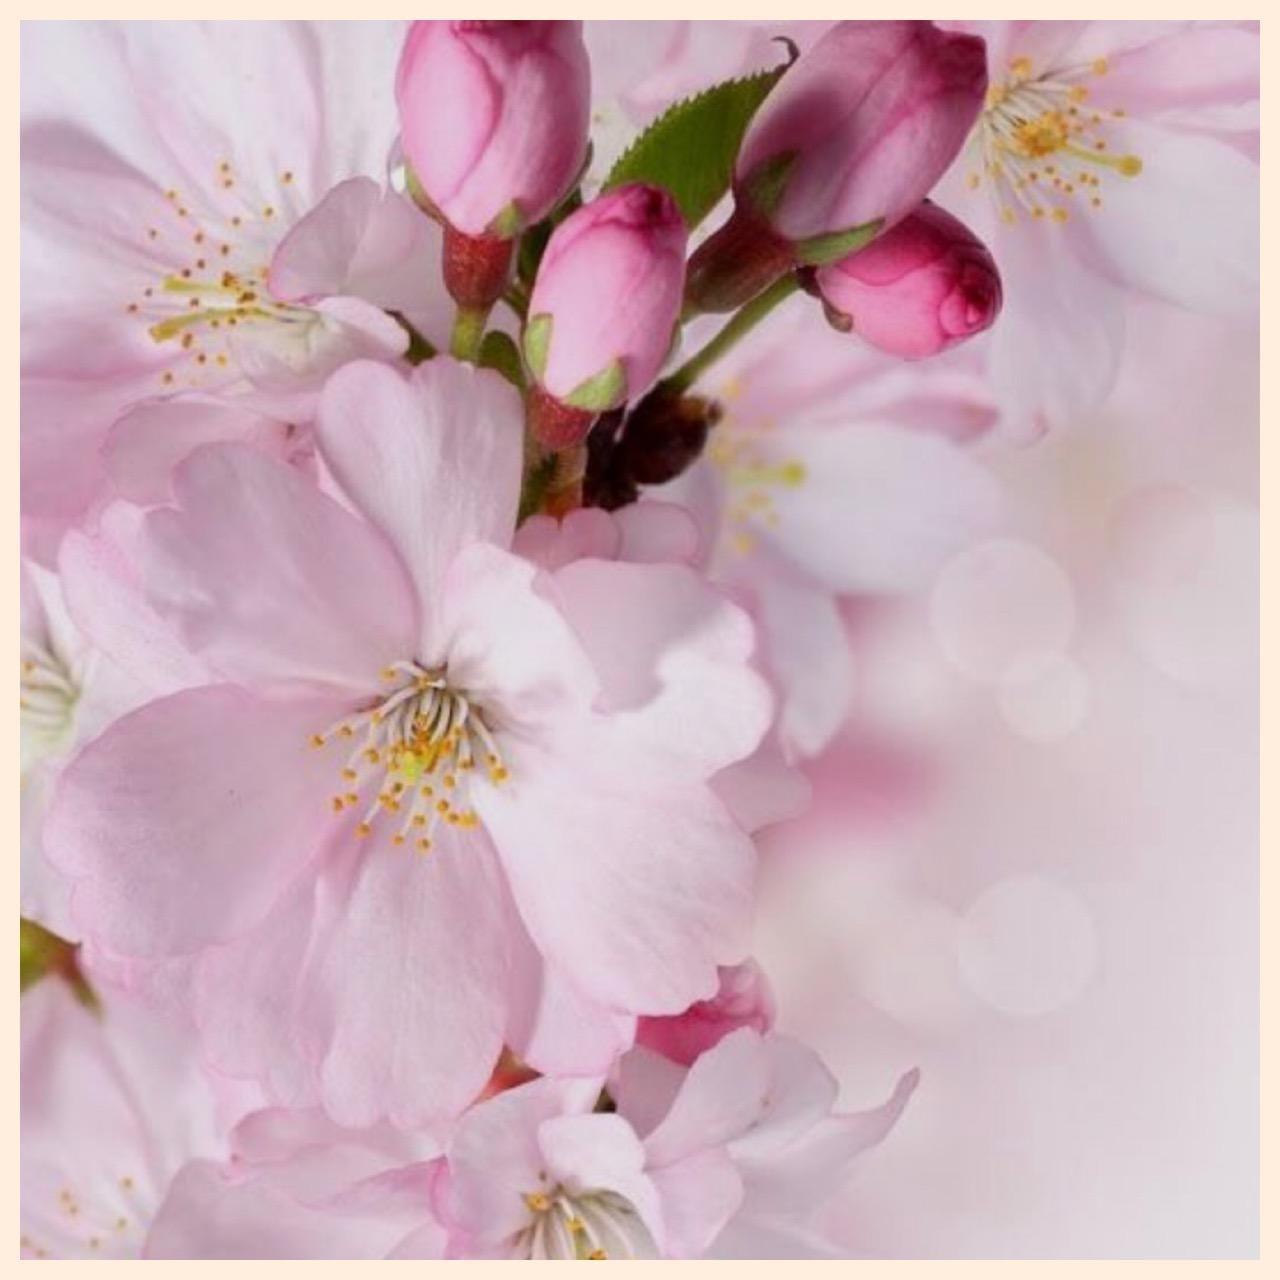 「桜、咲く?」04/18(04/18) 16:11 | ゆみこの写メ・風俗動画